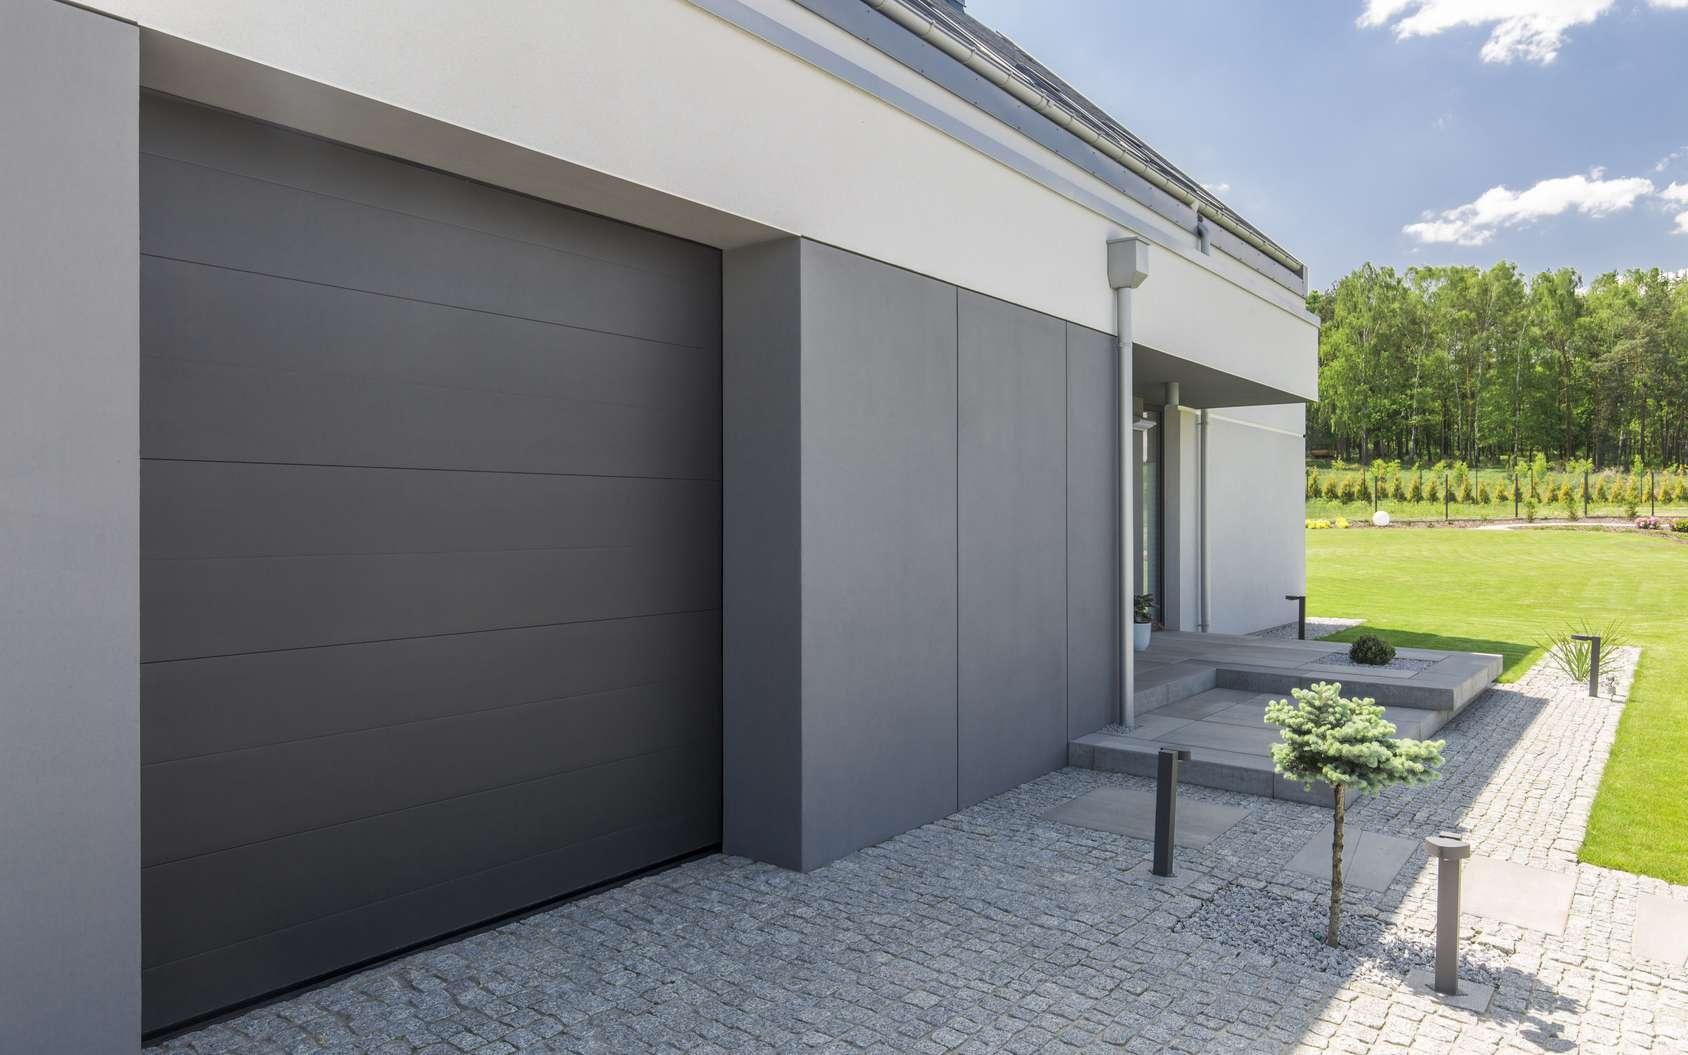 Quasiment toutes les portes de garage, neuves ou anciennes, peuvent être motorisées. À condition qu'elles soient en parfait état de fonctionnement… © Photographee.eu, fotolia